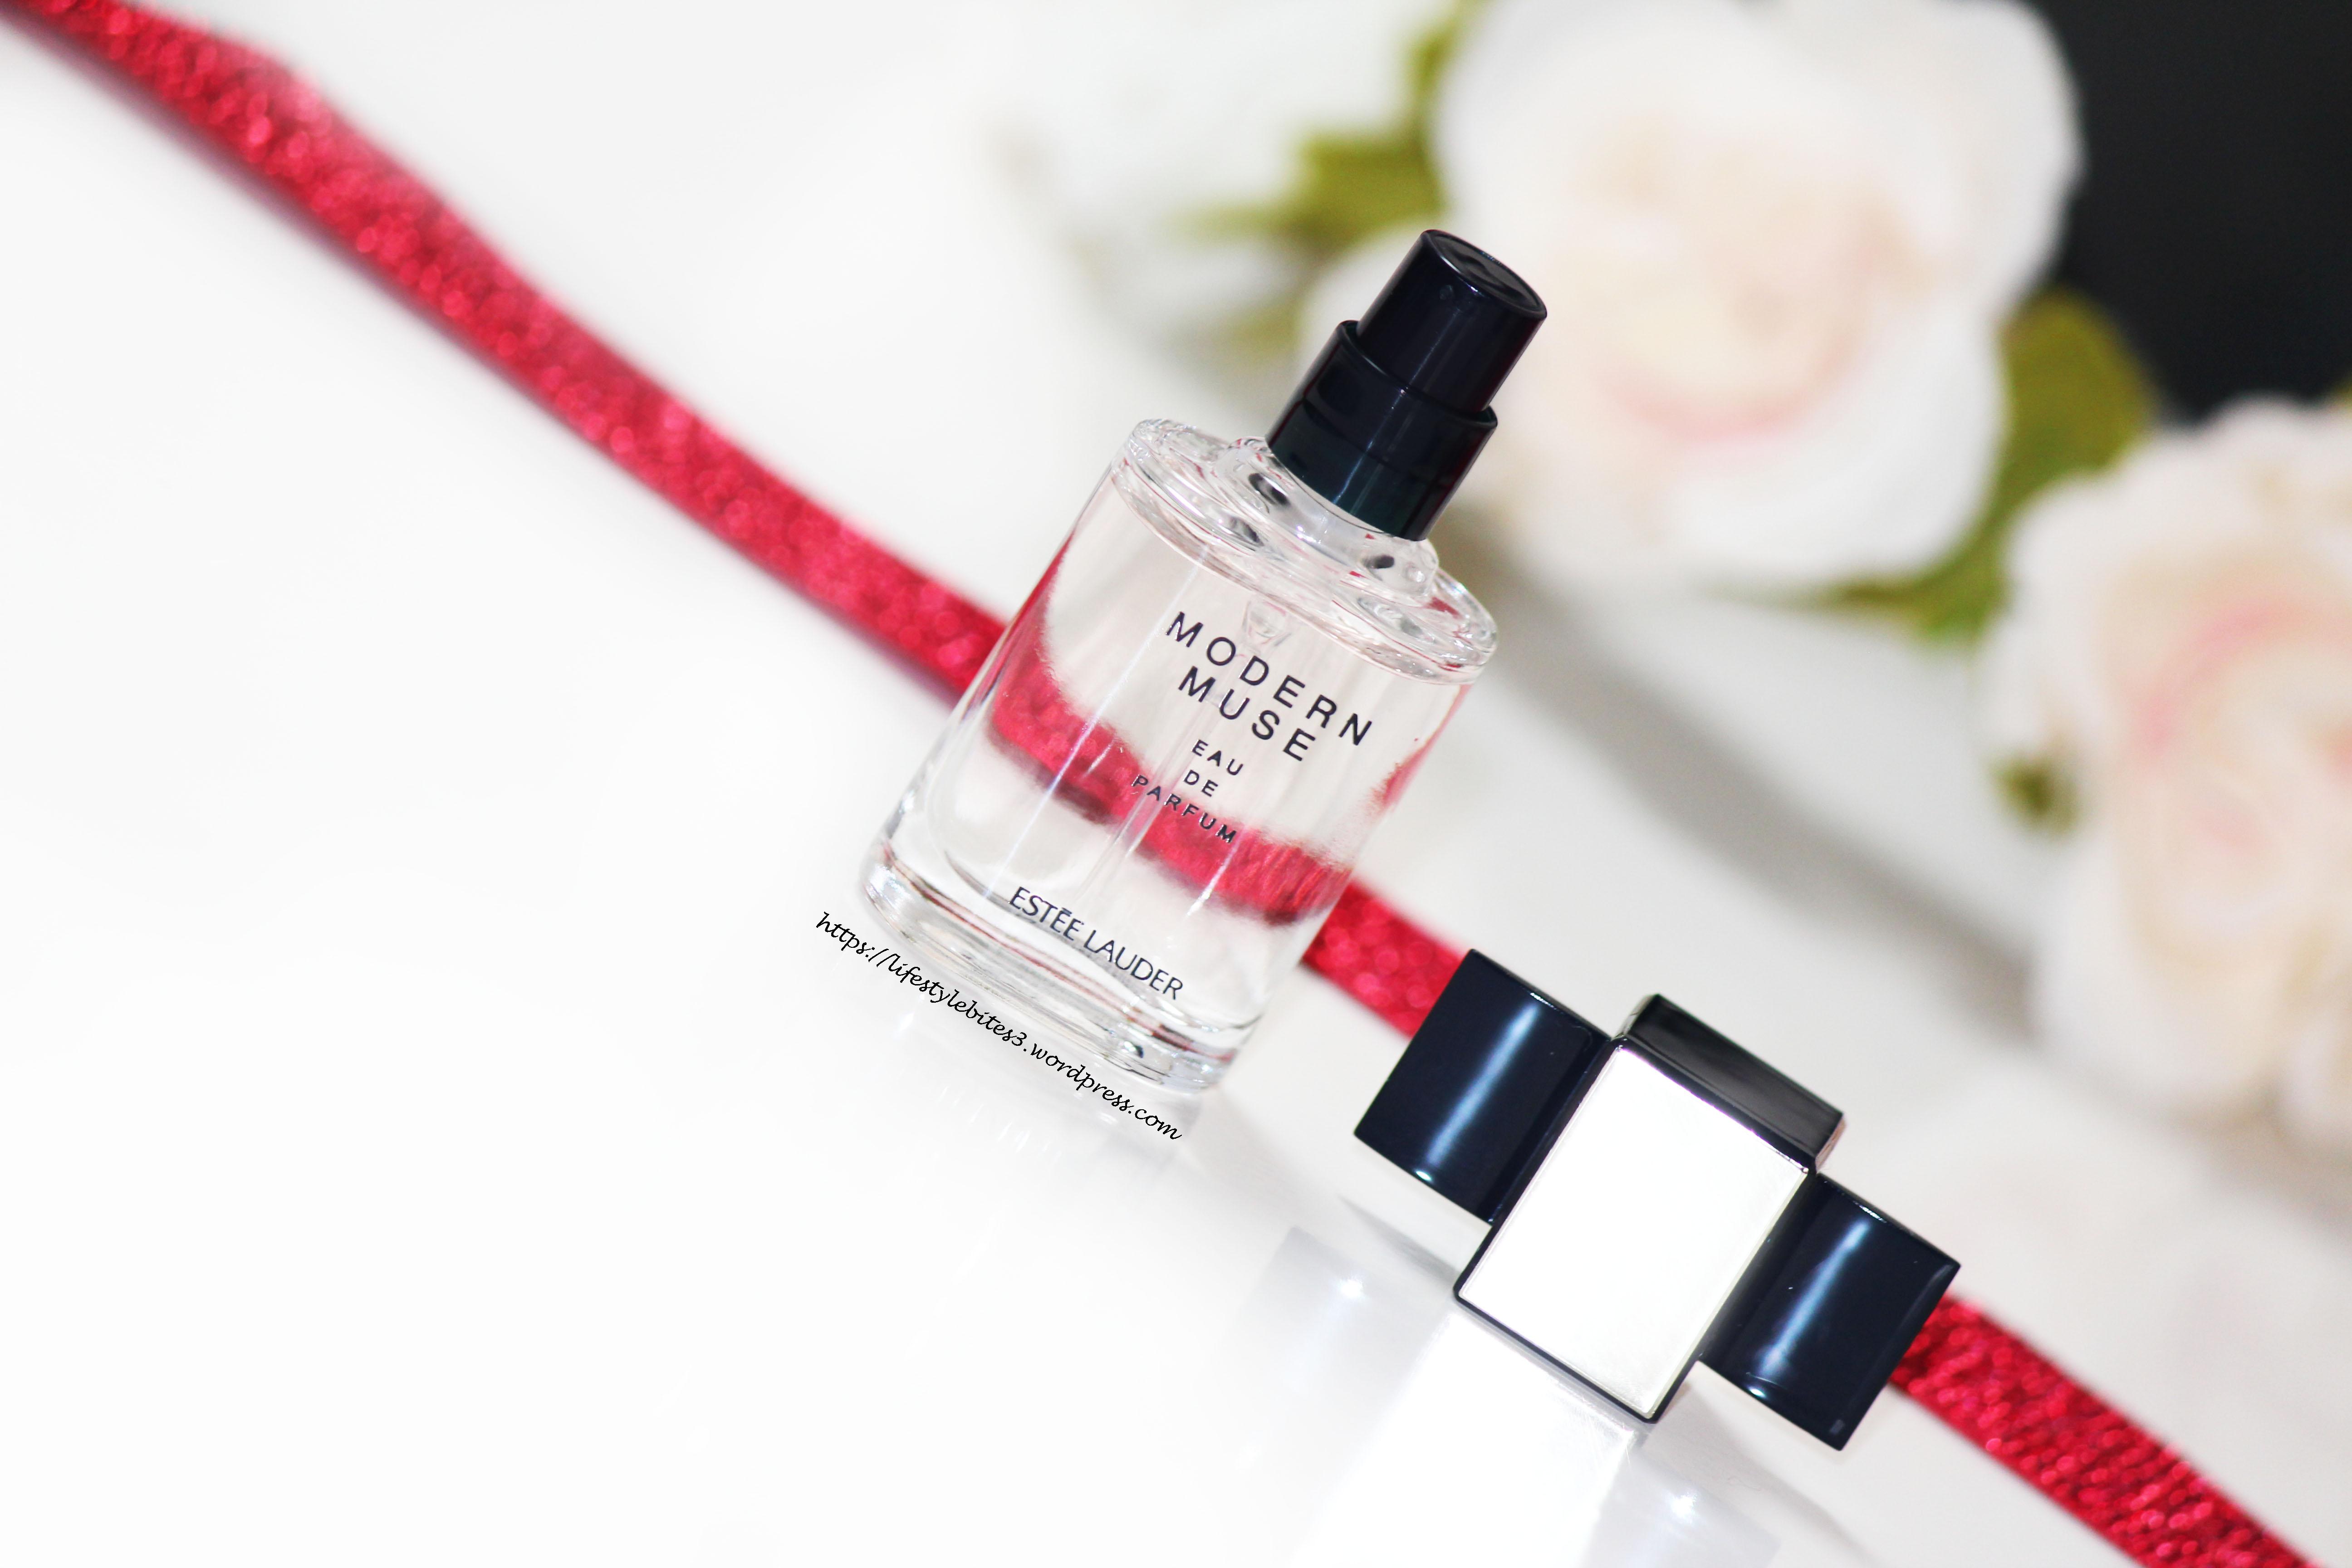 Review: Modern Muse Eau De Parfum.